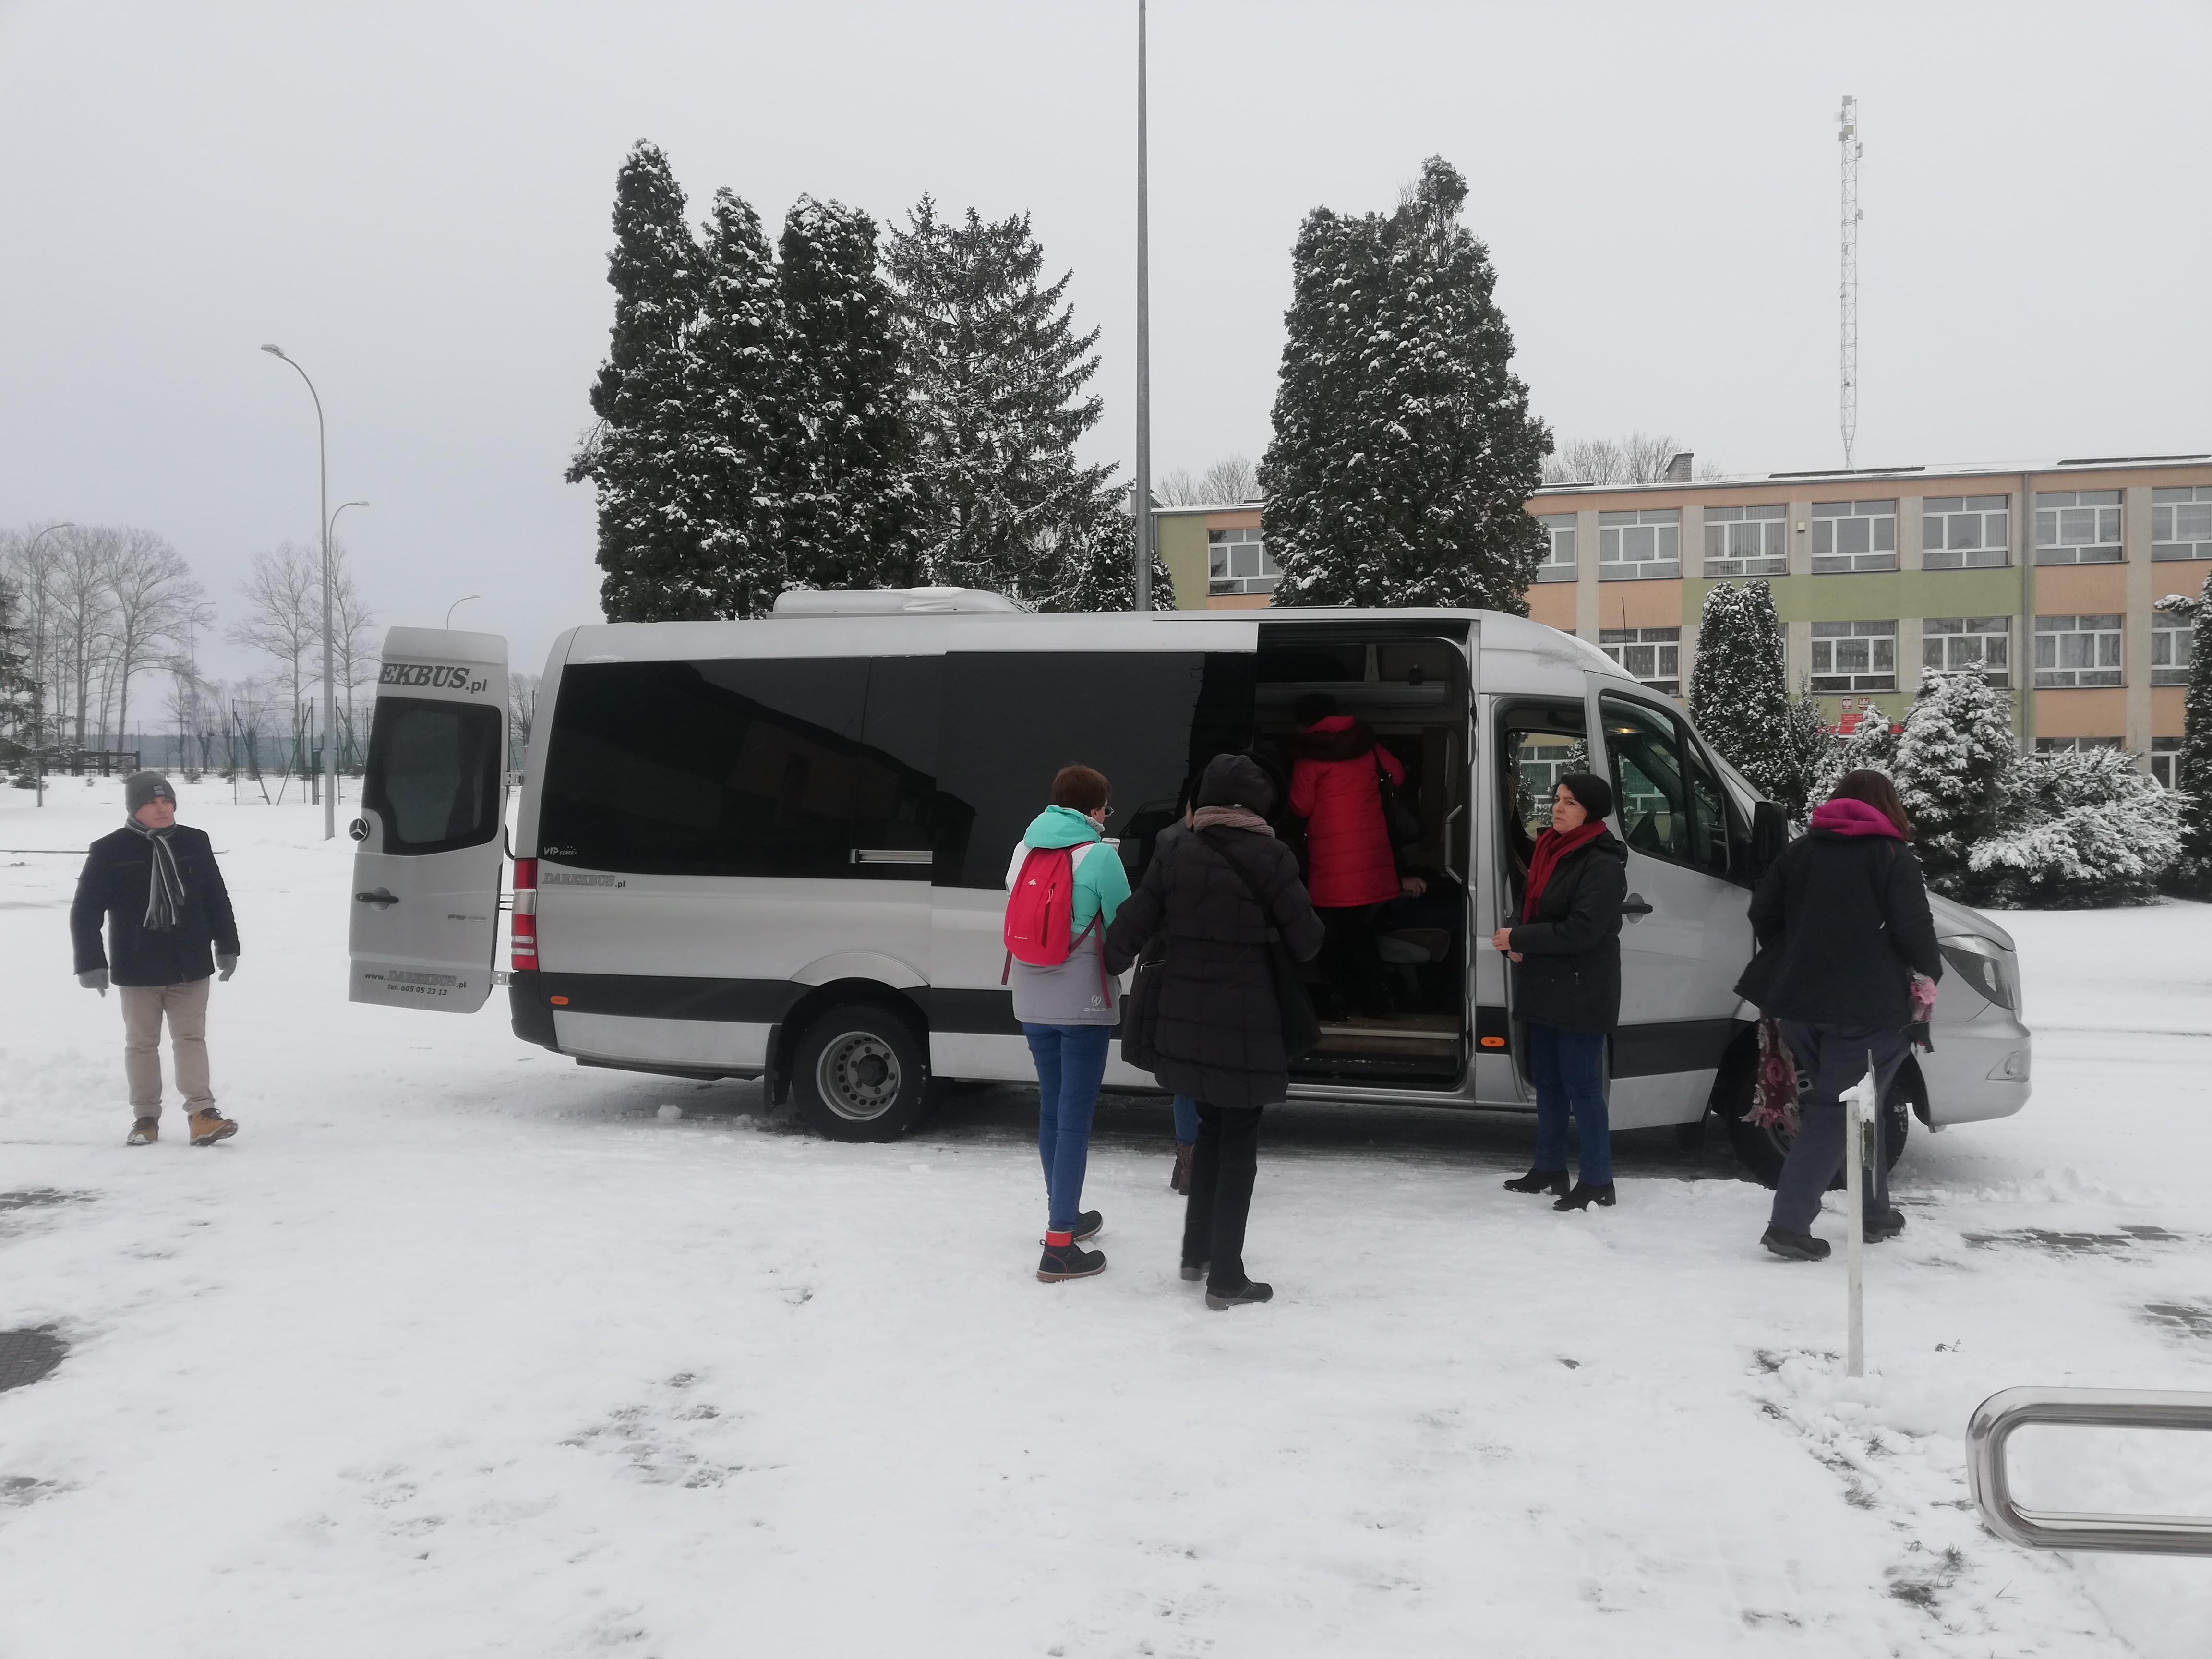 Przed odjazdem –biały bus z otwartymi drzwiami i tylnym bagażnikiem, przy nim kilkoro uczestników na chwilę przed wyjazdem z Krzyżewa, ziemia pokryta śniegiem.